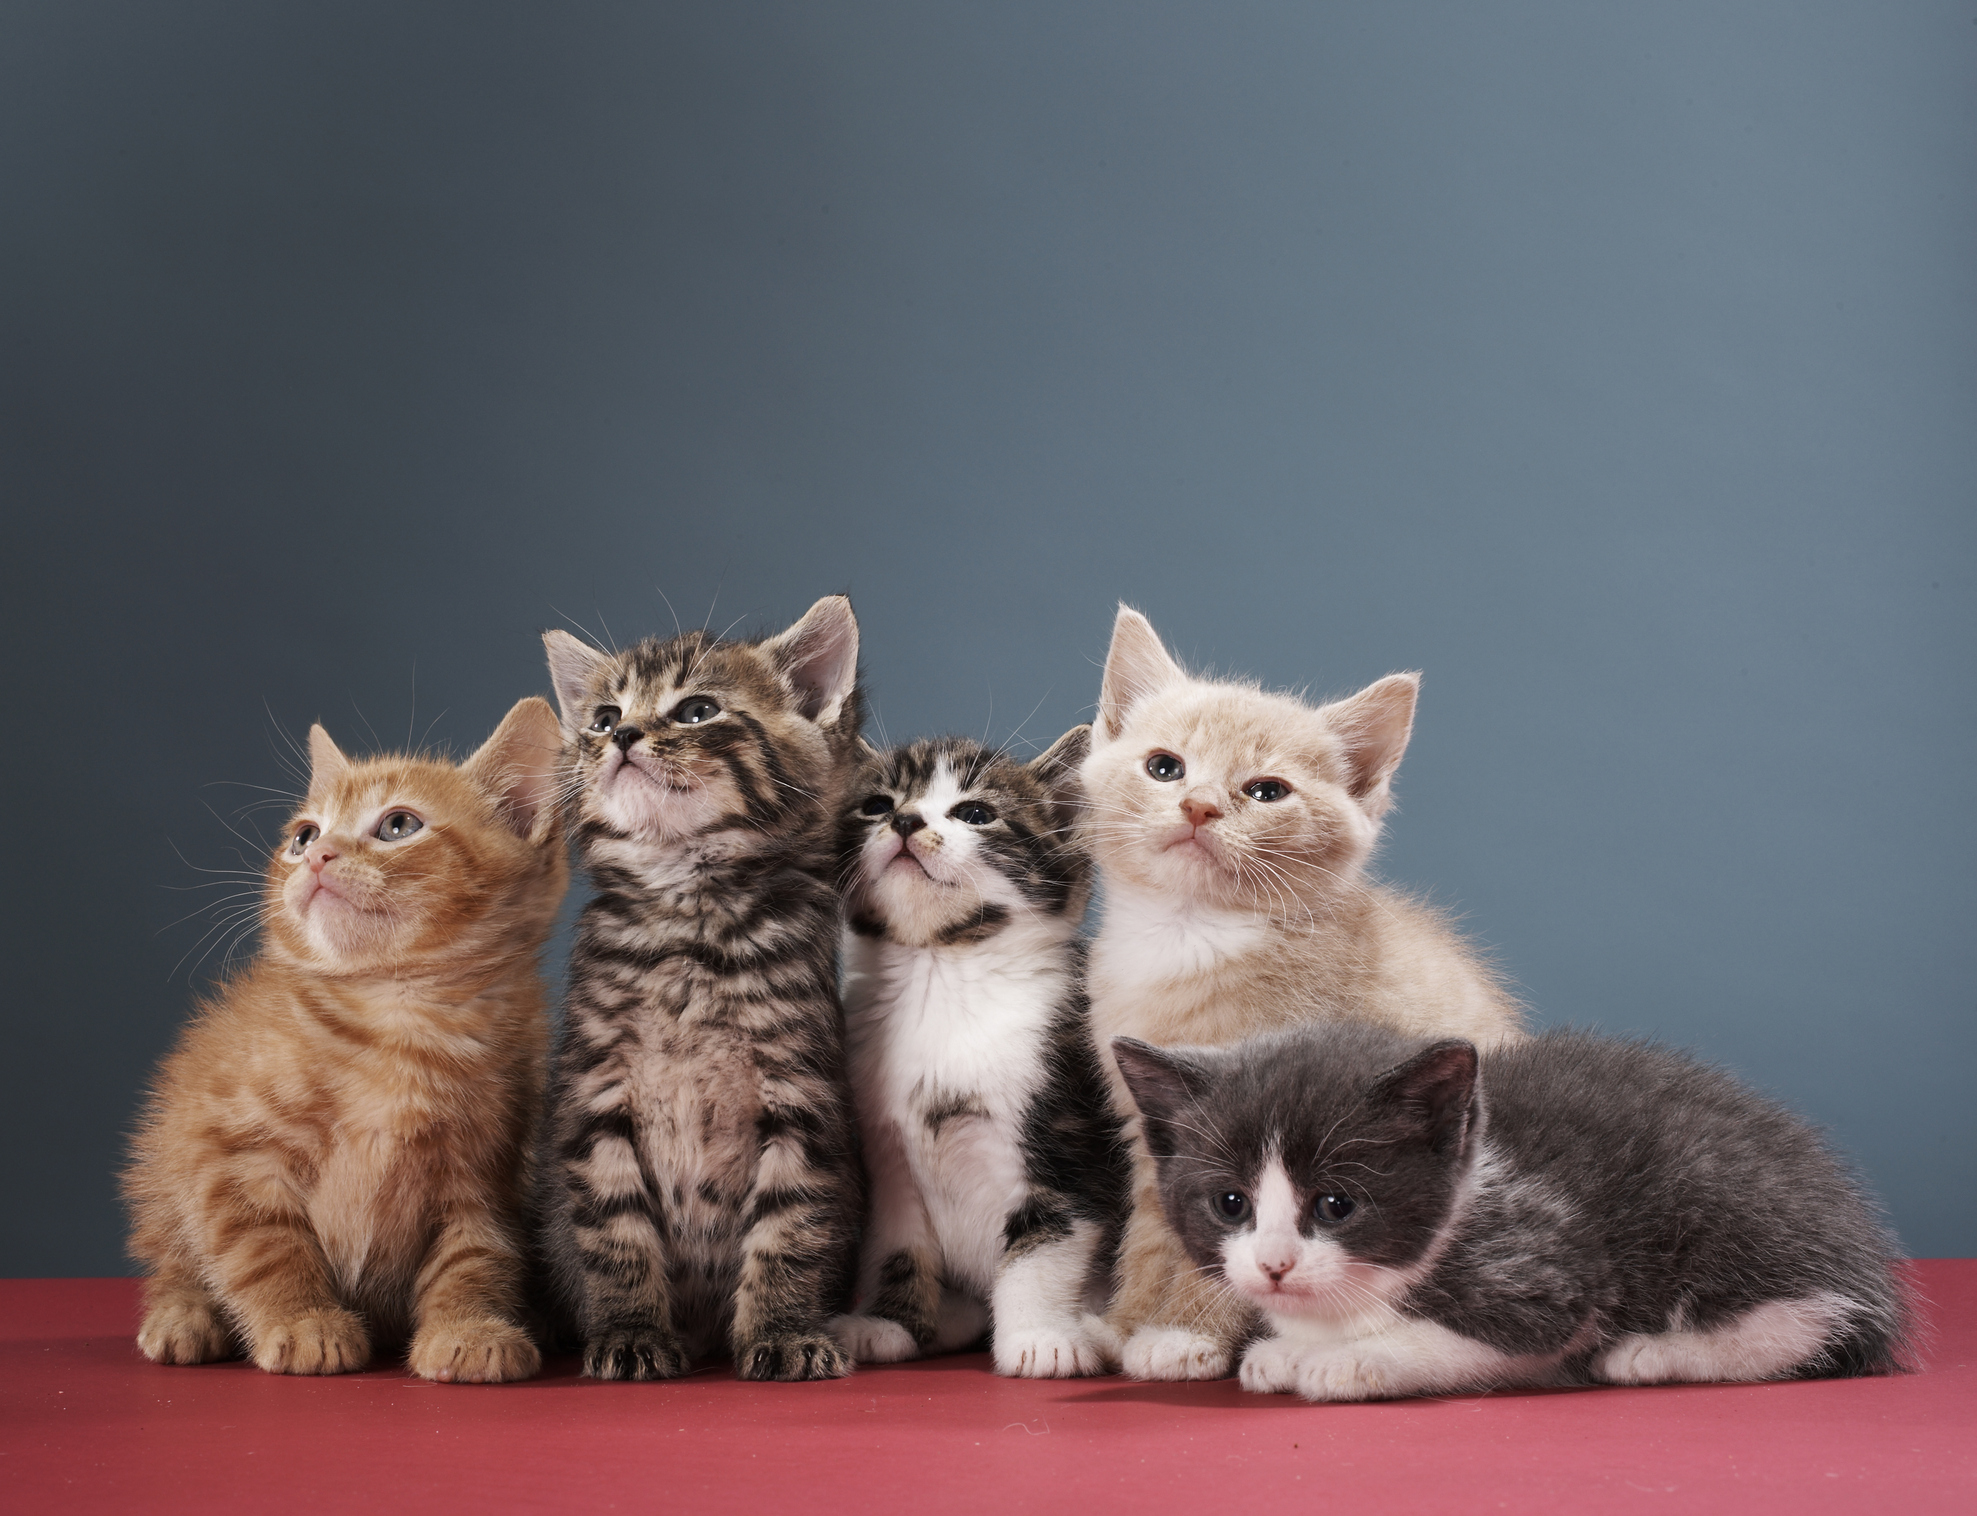 Токсоплазмозата се разпространява от котки и може да съществува скрита в човешкото тяло в продължение на години. Токсоплазмозата се причинява от паразита Toxoplasma gondii, като заразяването става от котешки фекалии или урина. Паразитът не може да премине през кожата, така че инфекцията обикновено влиза в човешкото тяло през устата или отворена рана. Болестта обикновено преминава леко, но може да доведе до усложнения при бременните жени и хората със слаба имунна система. Симптомите включват умора, мускулни болки, главоболие и треска, която може да продължи повече от месец При иначе здрави хора лечението продължава няколко месеца. Тежките случаи на токсоплазмоза обаче могат да причинят увреждане на мозъка, очите или други органи. Болестта често се активира години след инфектирането. За да се предпазят от токсоплазмоза собствениците на котки трябва да почистват добре след домашните си любимци и винаги да използват ръкавици и почистващи препарати при работа с котешки фекалии.